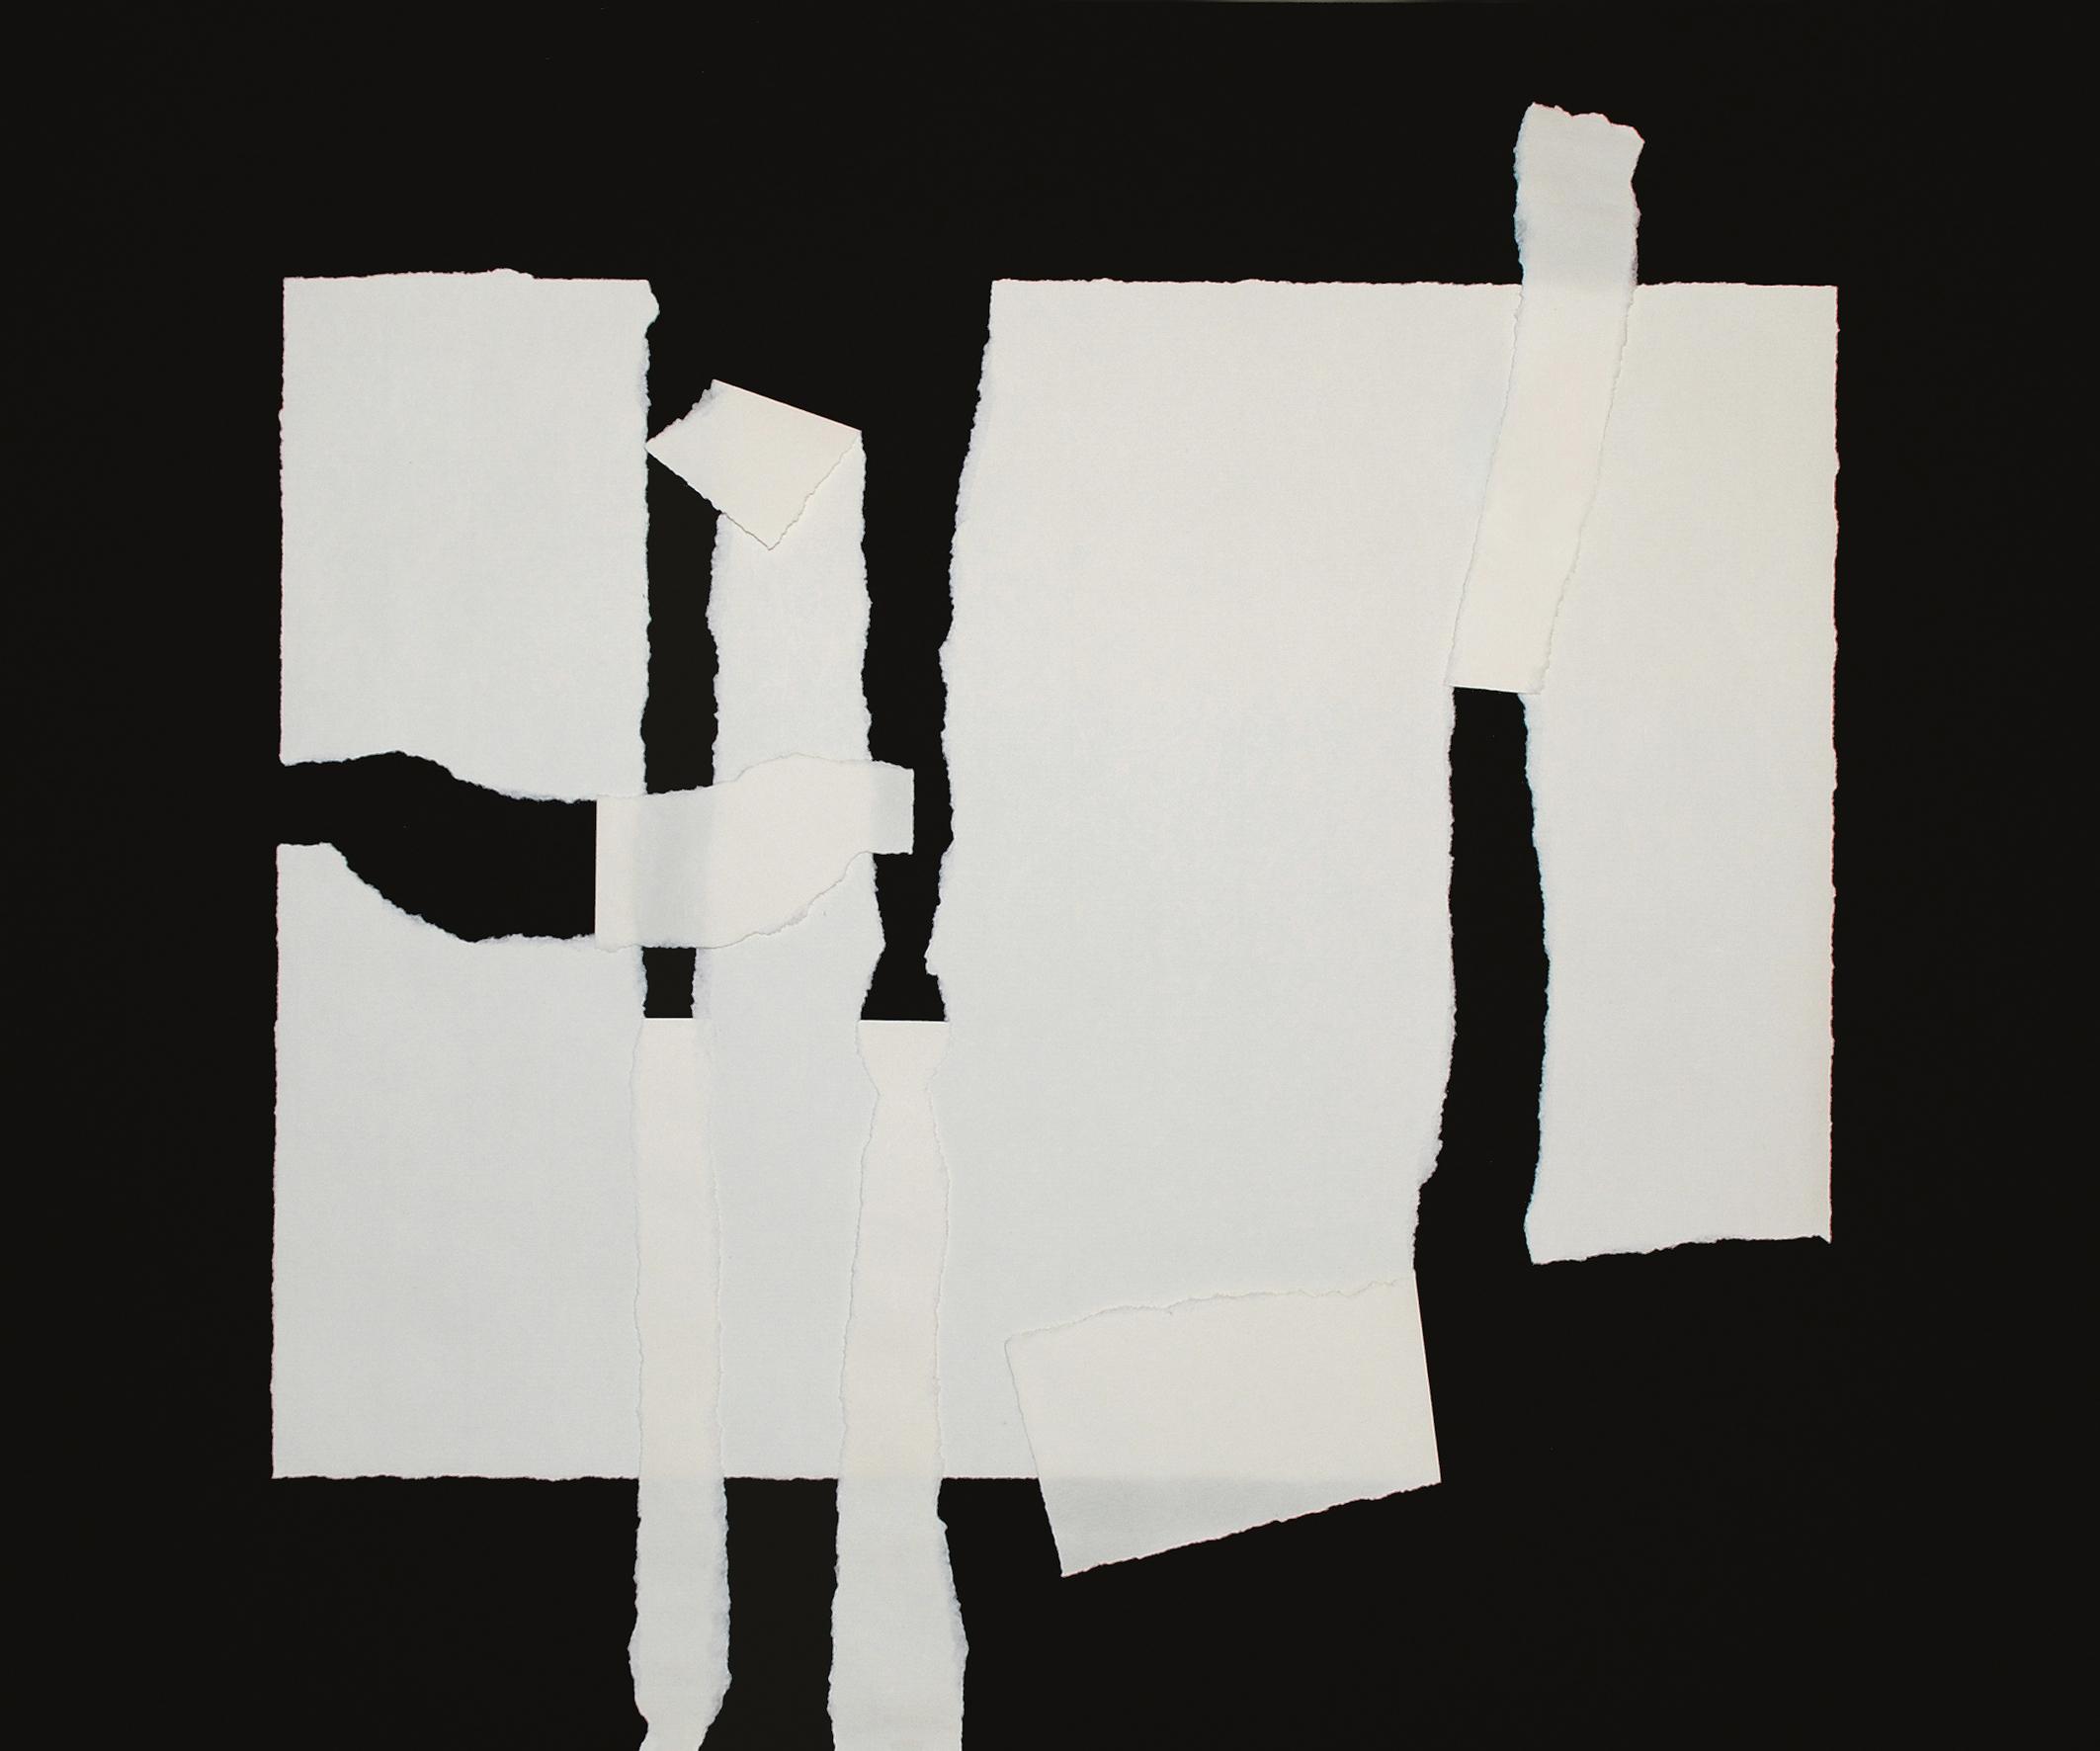 5. motiv, 50 x 60 cm, papier gerissen/gefaltet